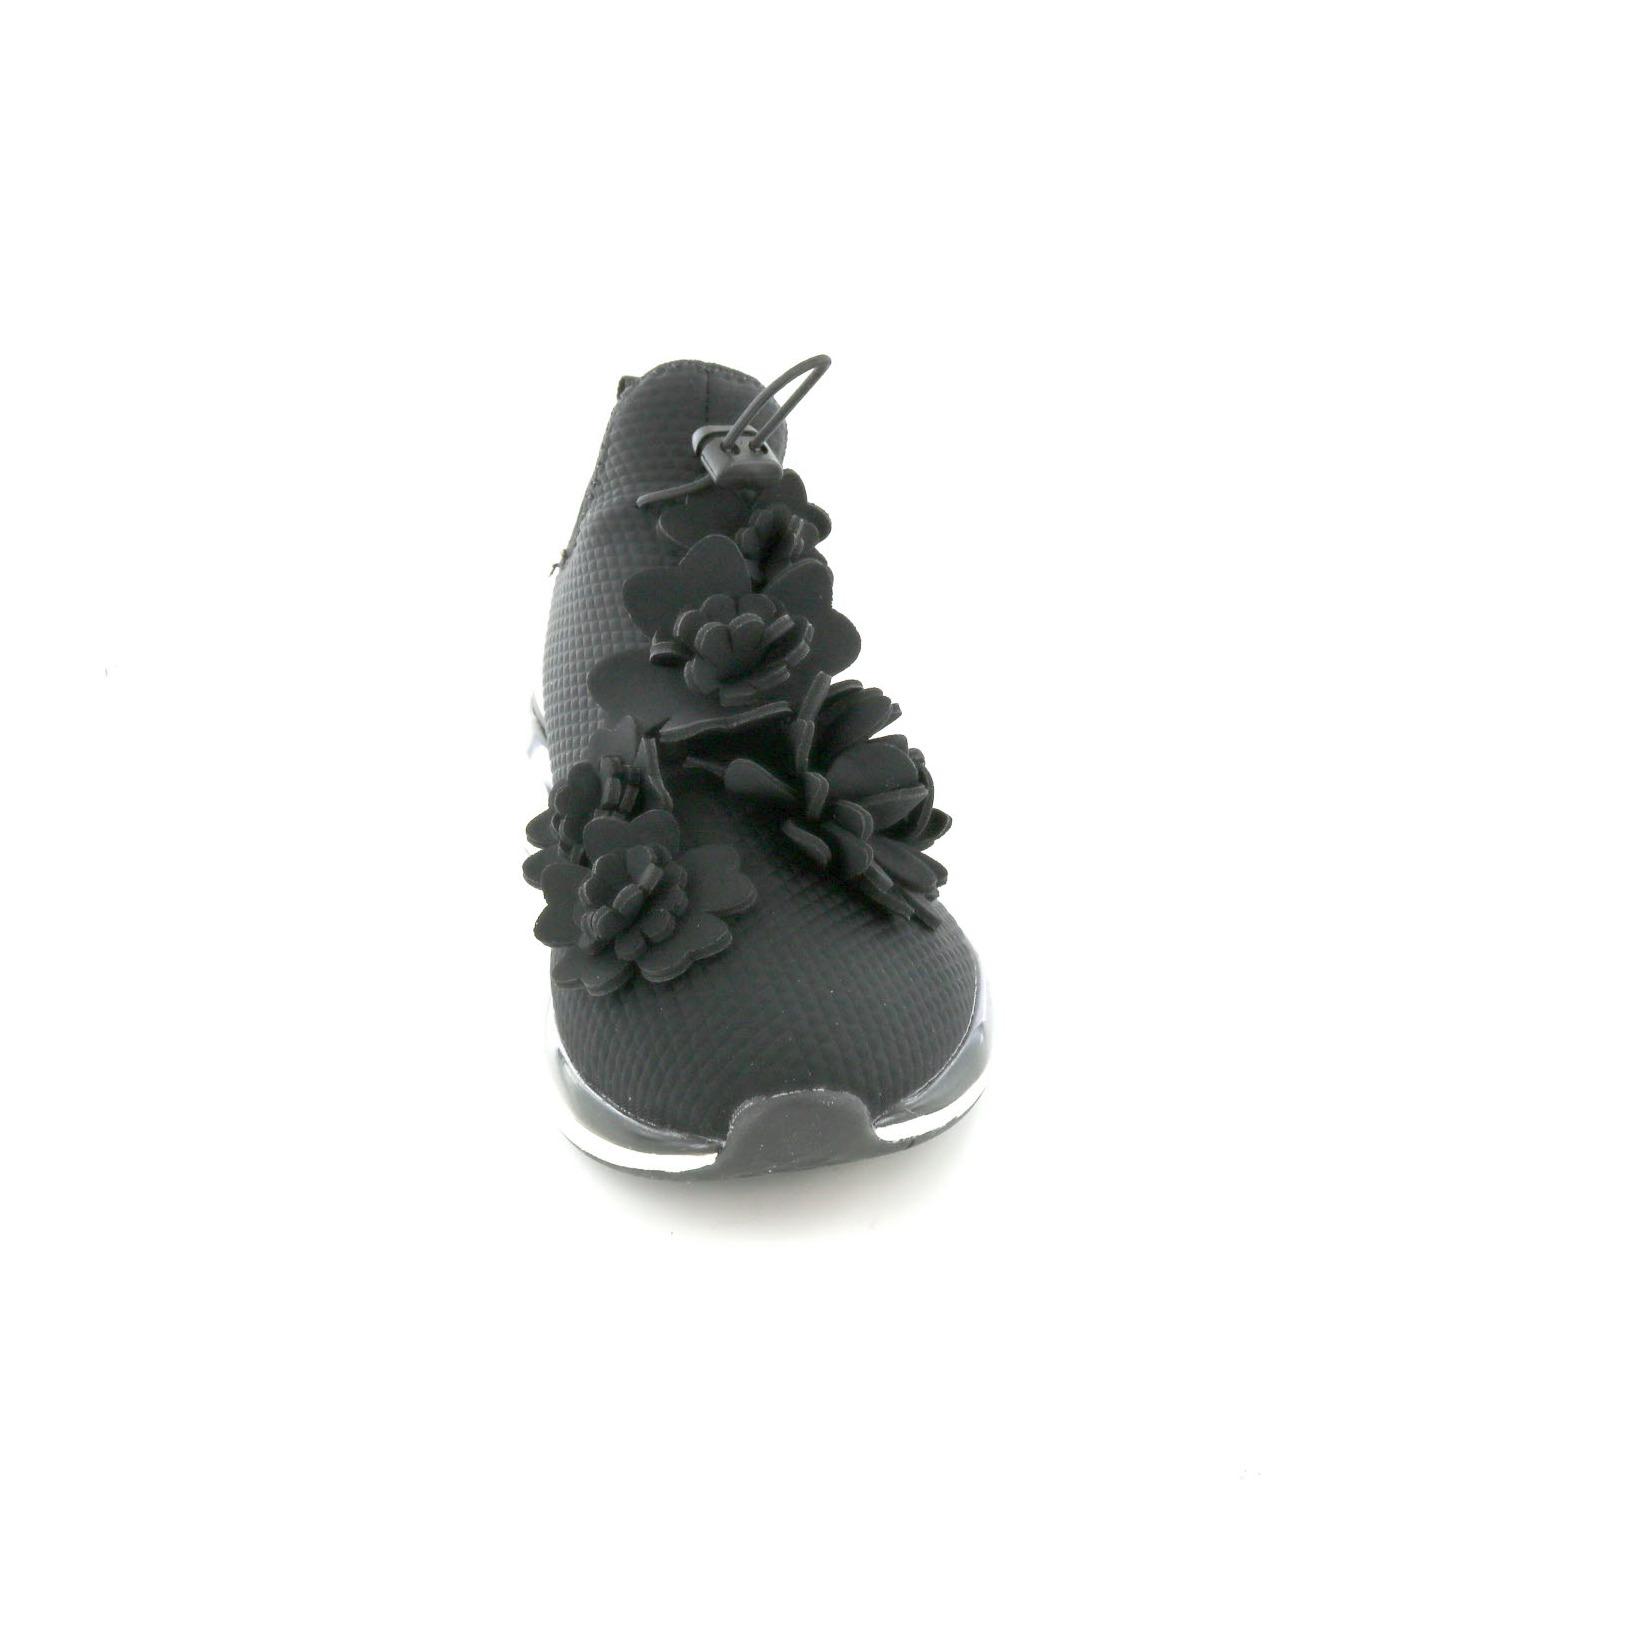 Chaussures Tamaris / Dentelle - Chaussures De Sport, Noir